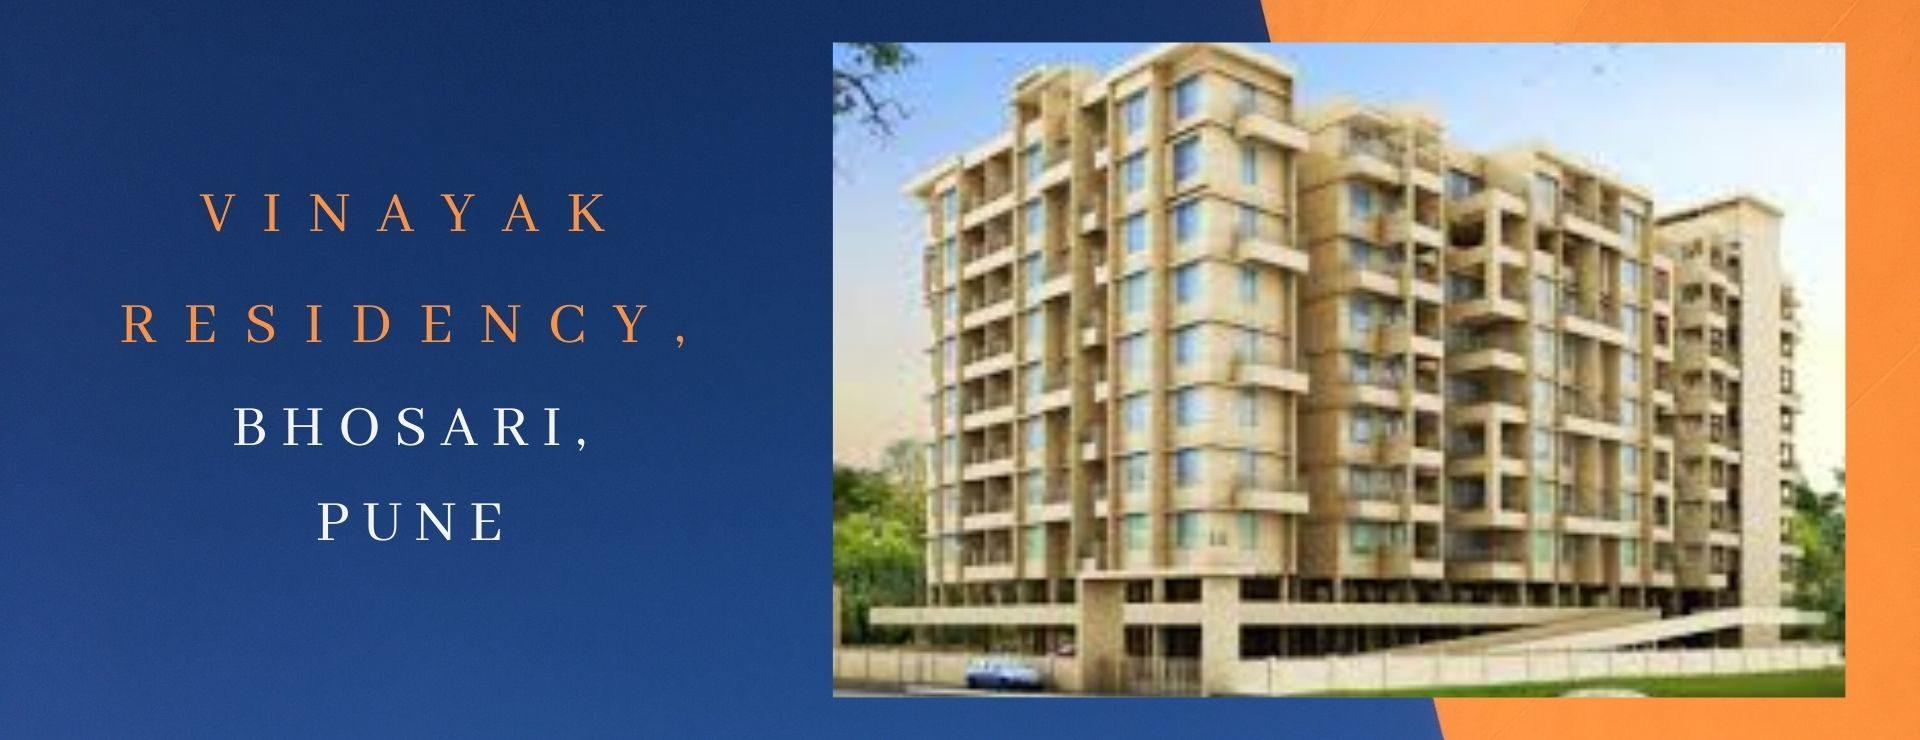 Vinayak Residency,Bhosari,Pune